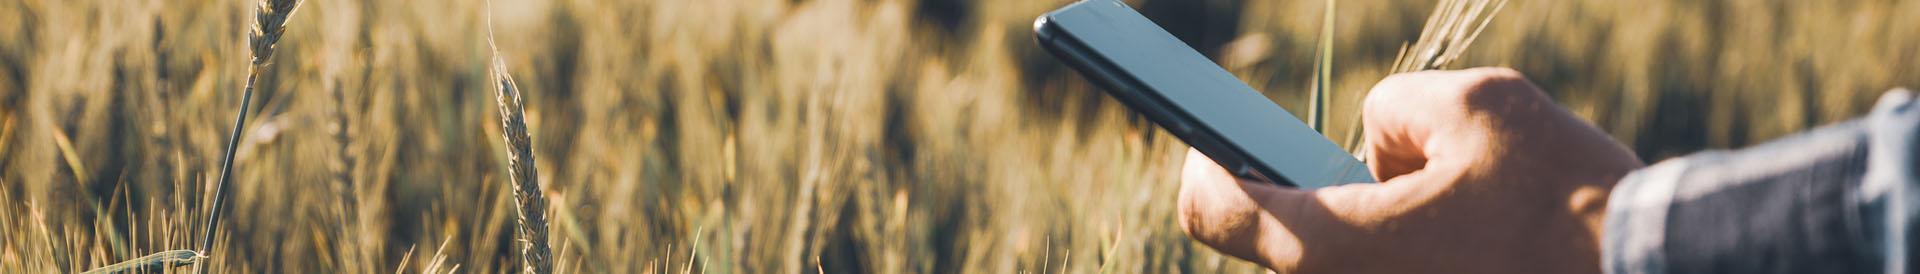 telefon w ręku